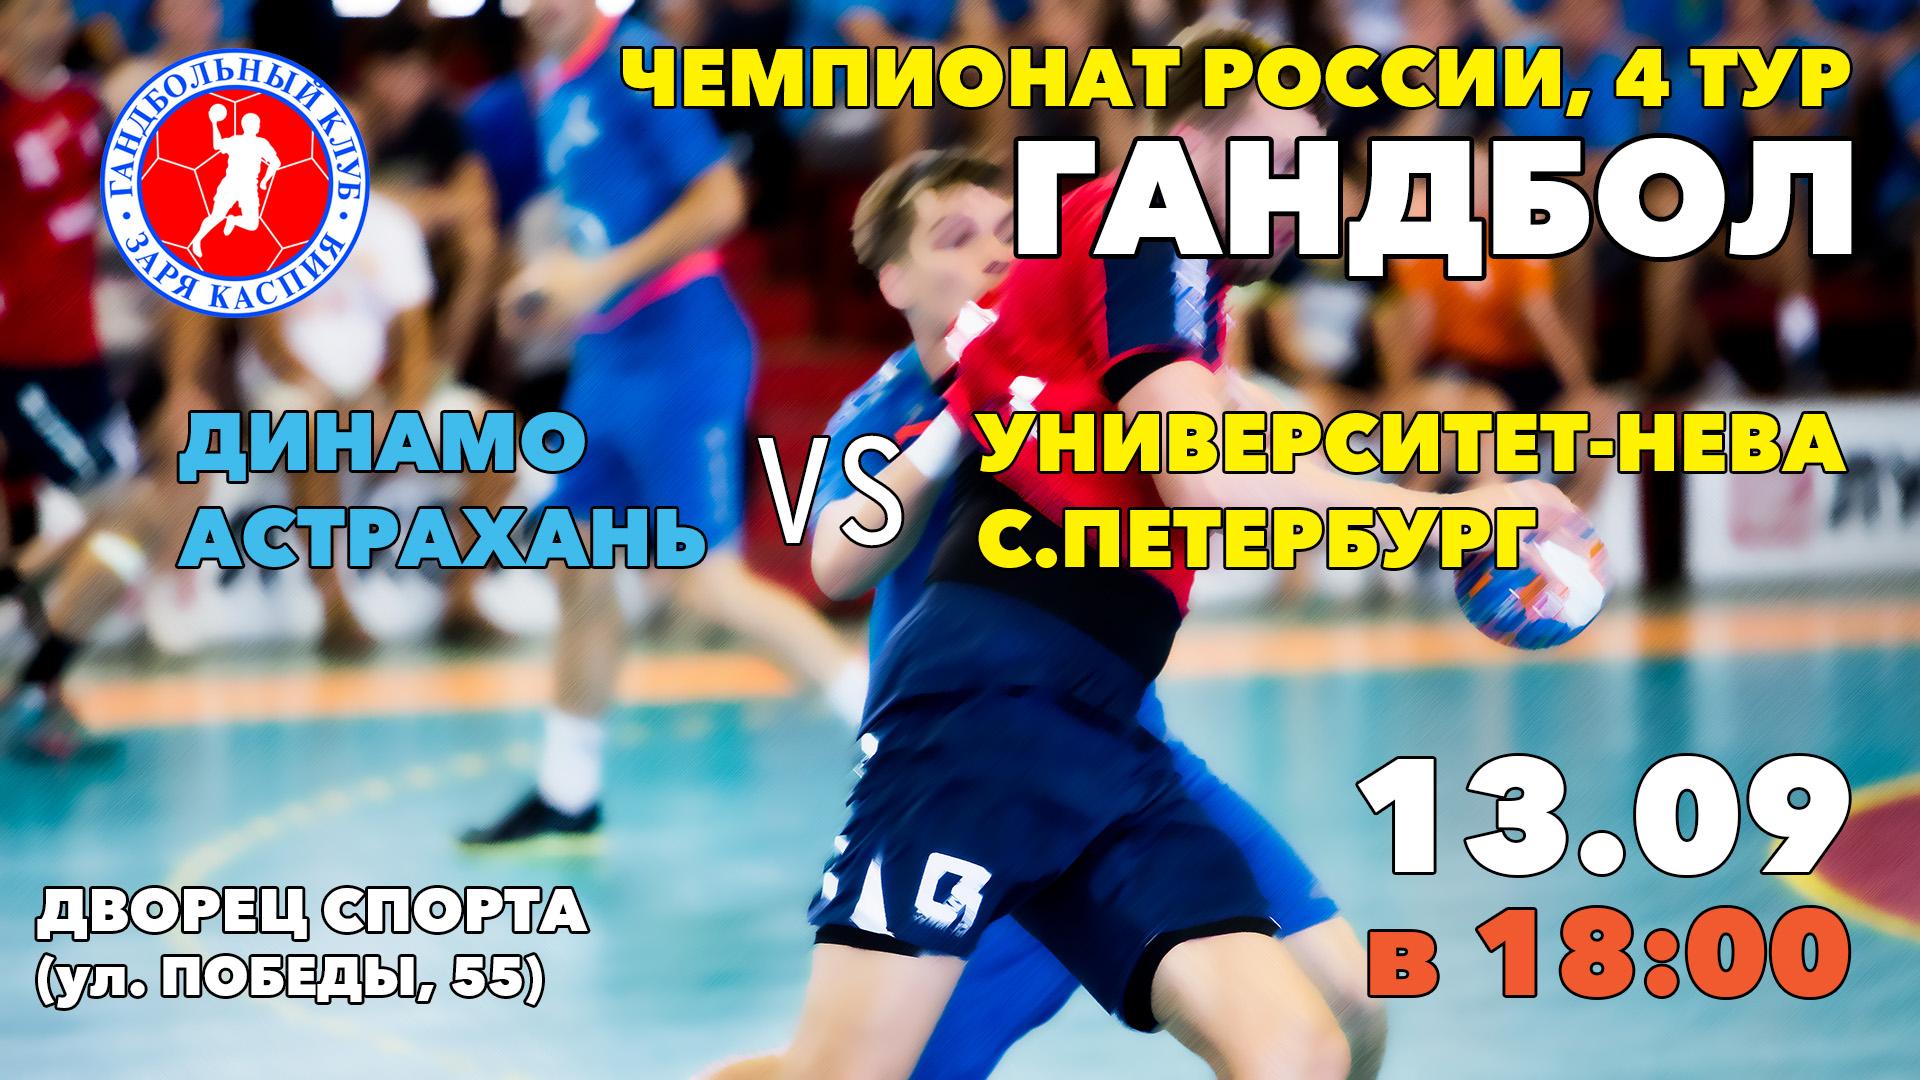 http://zarya-kaspiya.ru/wp-content/uploads/2015/09/2015.09.13-NEVA-.jpg